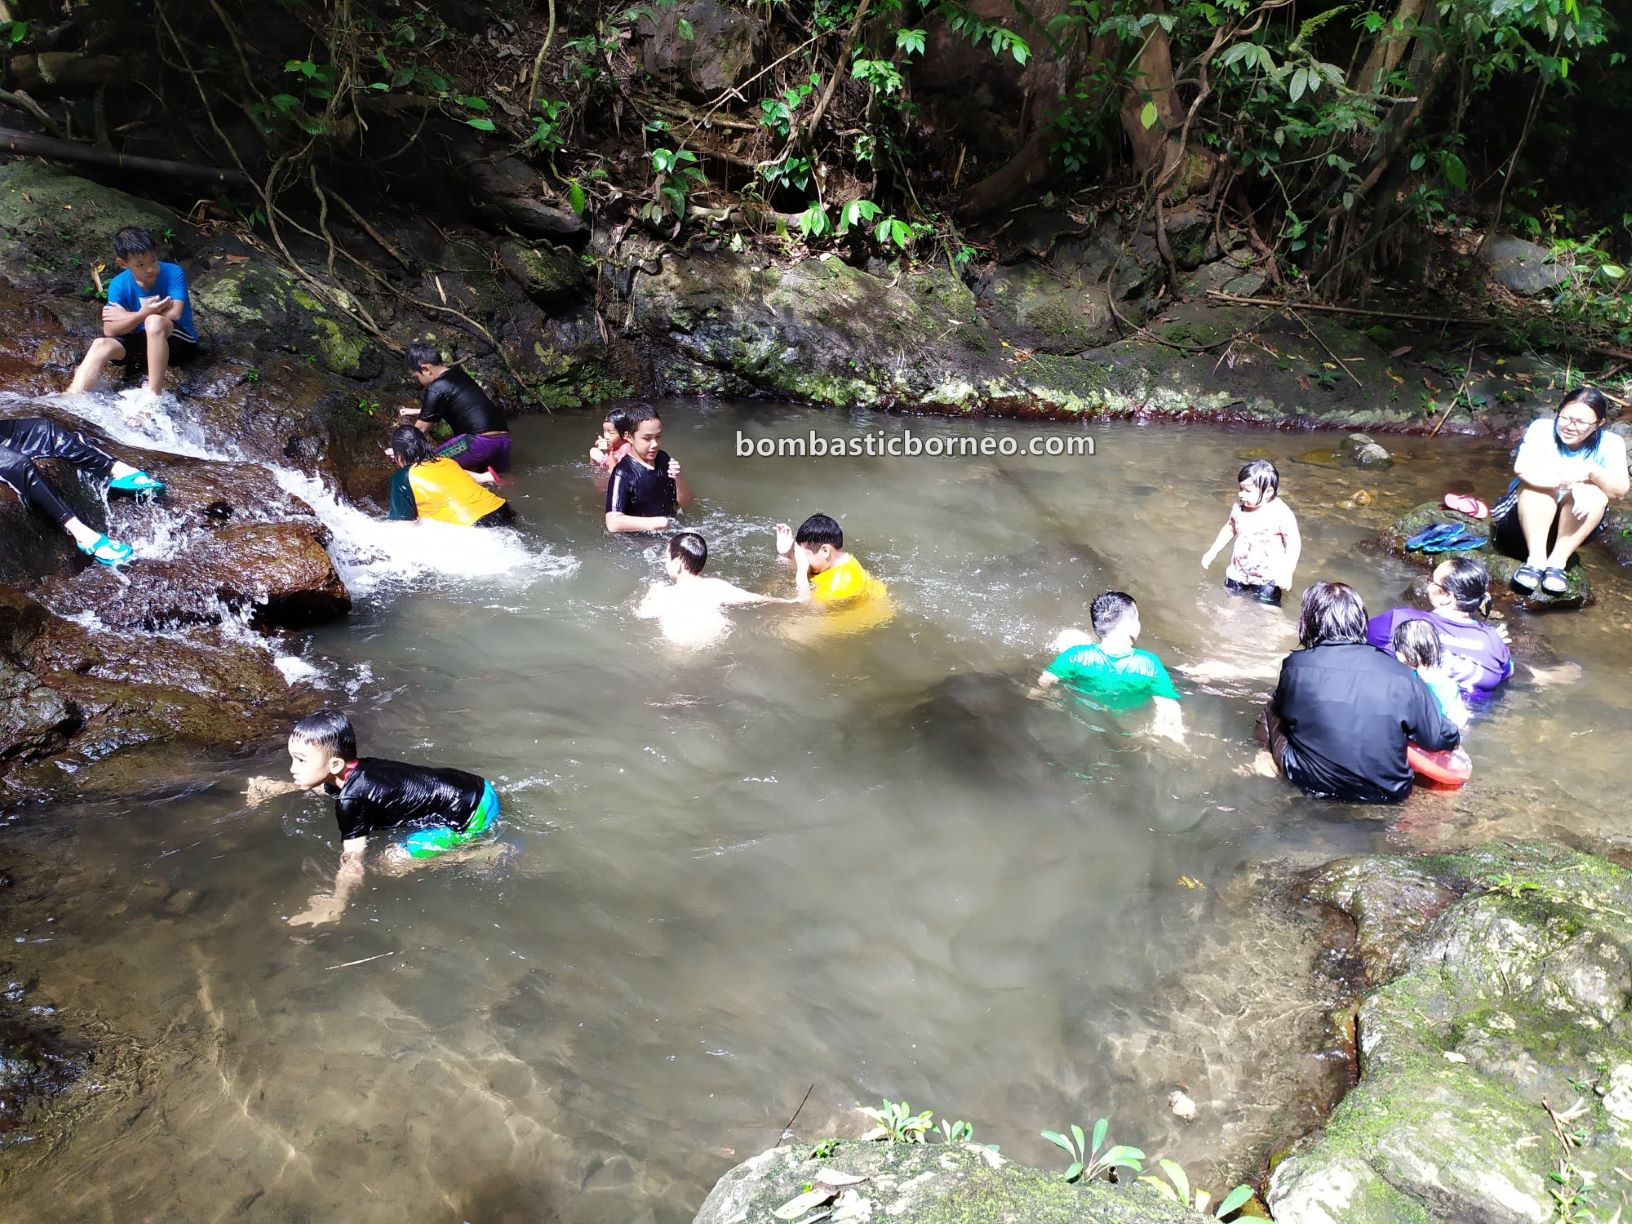 Kampung Serumah, Kampung Gayu, nature, outdoor, Padawan, Malaysia, Tourism, Muan Tabi Cascade, air terjun, Borneo, 探索婆罗洲游踪 马来西亚砂拉越, 古晋自然生态